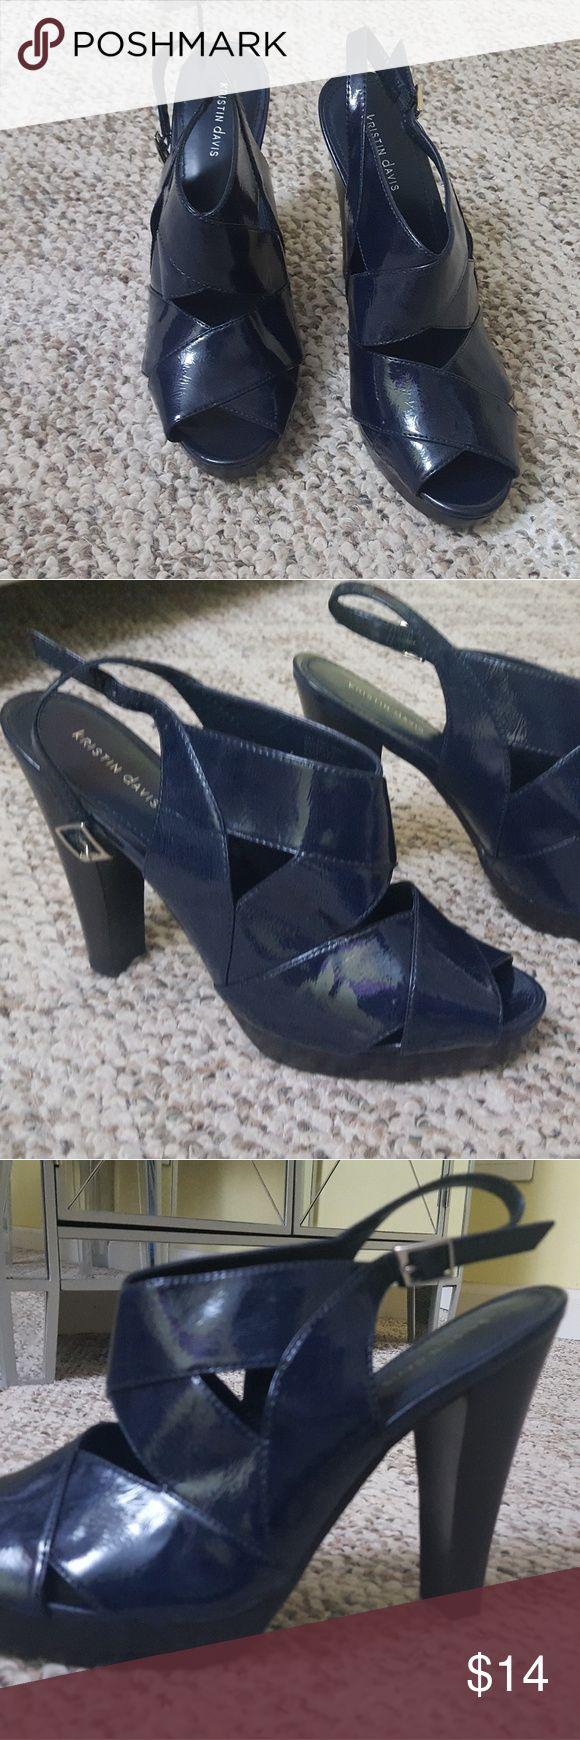 Navy Blue Kristin Davis 4-inch Strappy Heels Brand new, never been worn, Kristin Davis Heels! Size 9M 4-inch heel kristin davis Shoes Heels